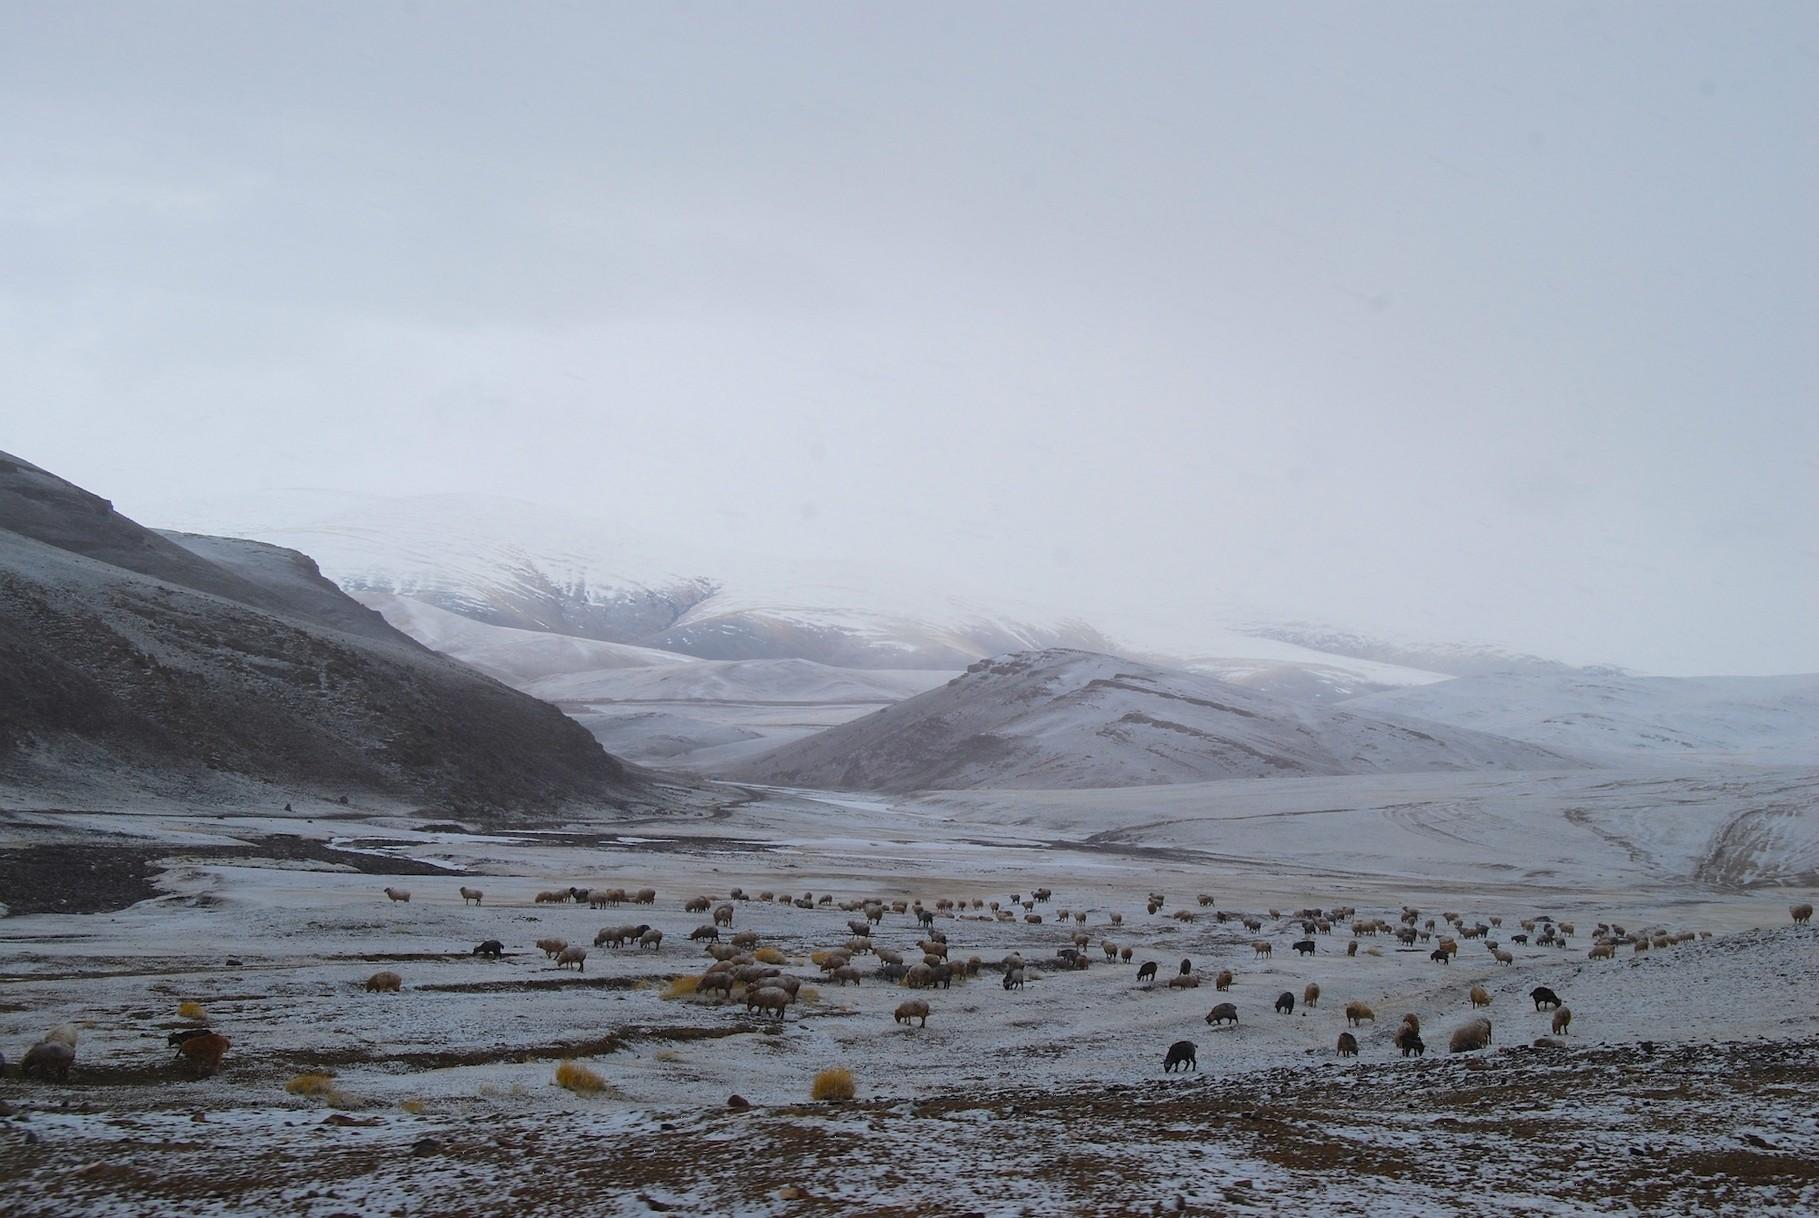 Schafe im Schneesturm